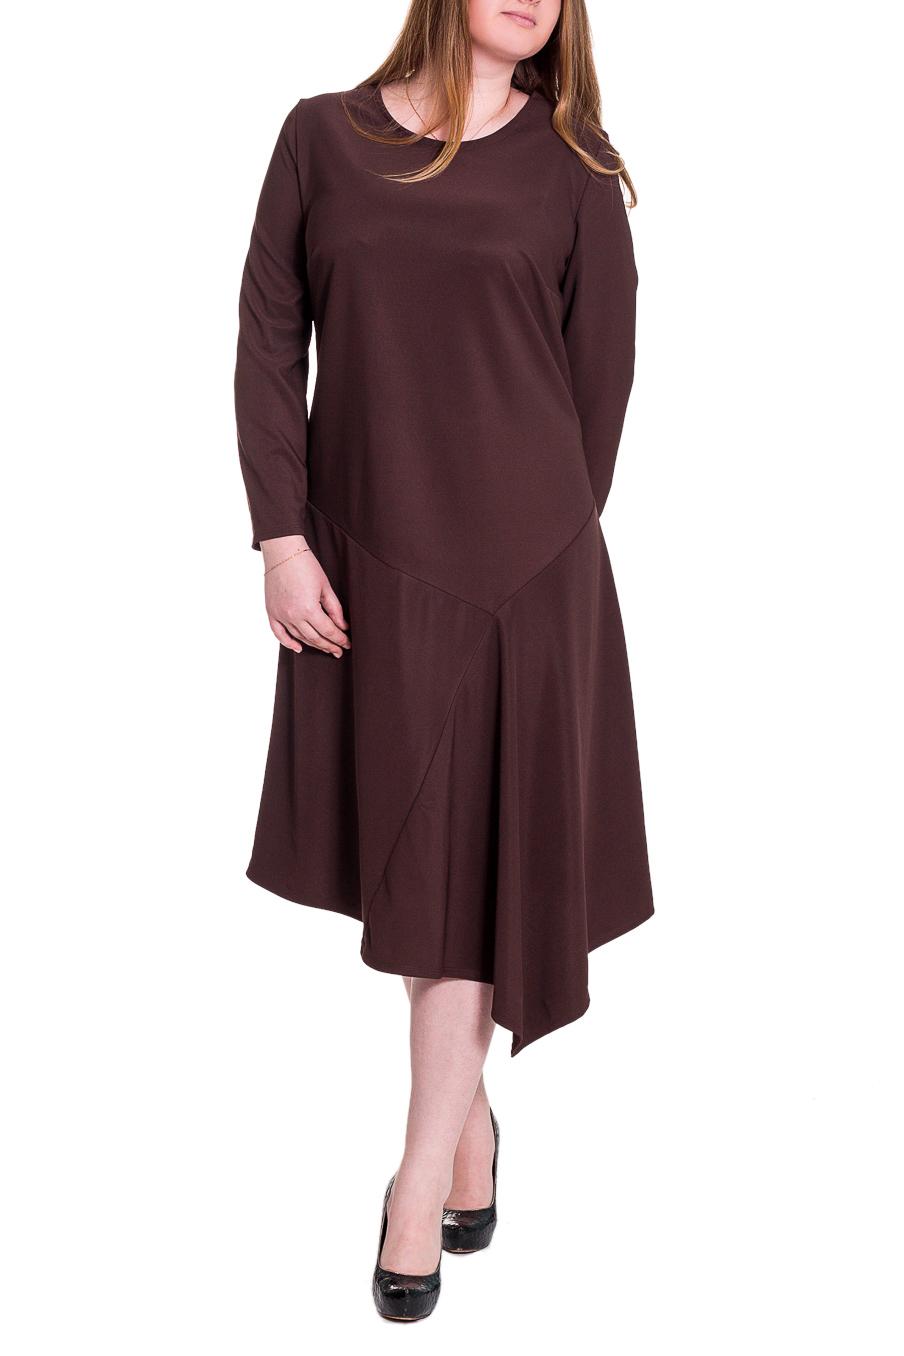 ПлатьеПлатья<br>Асимметричное платье может быть представлено в любом стиле: пляжном, коктейльном, повседневном, вечернем. В таком наряде можно пойти за покупками, на романтическое свидание или в качестве гостьи на свадьбу. Верх изделия, в отличие от низа, выполнен в классическом стиле.  Изысканное женское платье полуприлегающего силуэта с асимметричным резом на передней части изделия. На спинке средний шов. Горловина С-образная. Рукав втачной, длинный. Цвет: коричневый.  Длина рукава - 59 ± 1 см  Рост девушки-фотомодели 171 см  Длина изделия - 109 ± 2 см<br><br>По образу: Город<br>По стилю: Повседневный стиль<br>По материалу: Трикотаж<br>По рисунку: Однотонные<br>По сезону: Зима<br>По силуэту: Полуприталенные<br>По элементам: Со складками,С декором,С фигурным низом<br>По длине: Ниже колена<br>Рукав: Длинный рукав<br>Горловина: С- горловина<br>Размер: 56,58,60,62,64,66,68<br>Материал: 100% полиэстер<br>Количество в наличии: 12